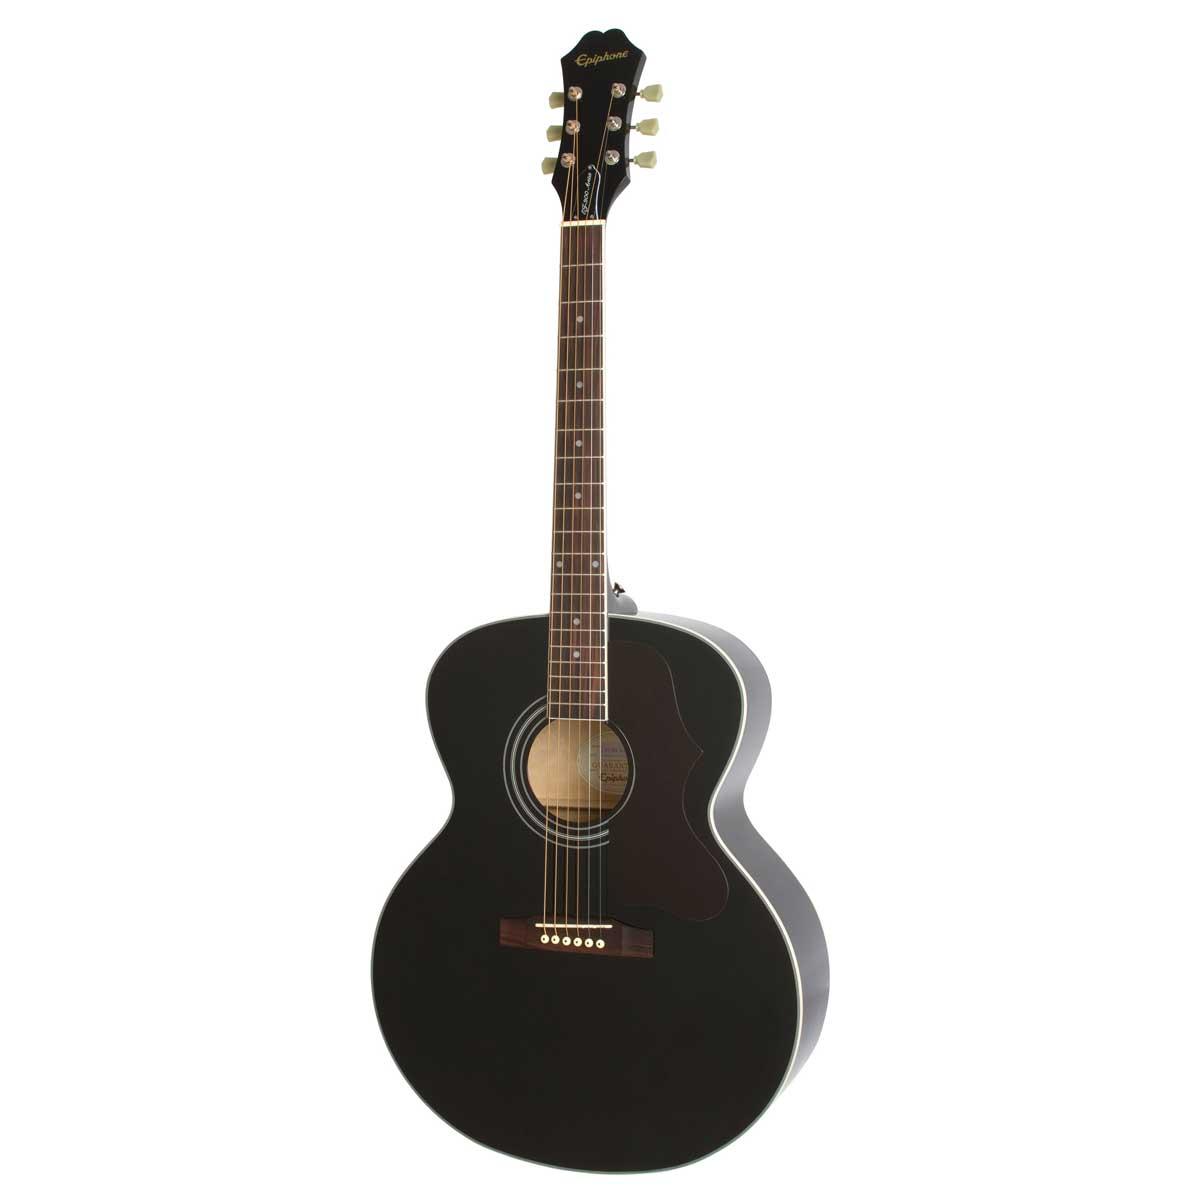 Epiphone EJ-200 Artist western-guitar Ebony